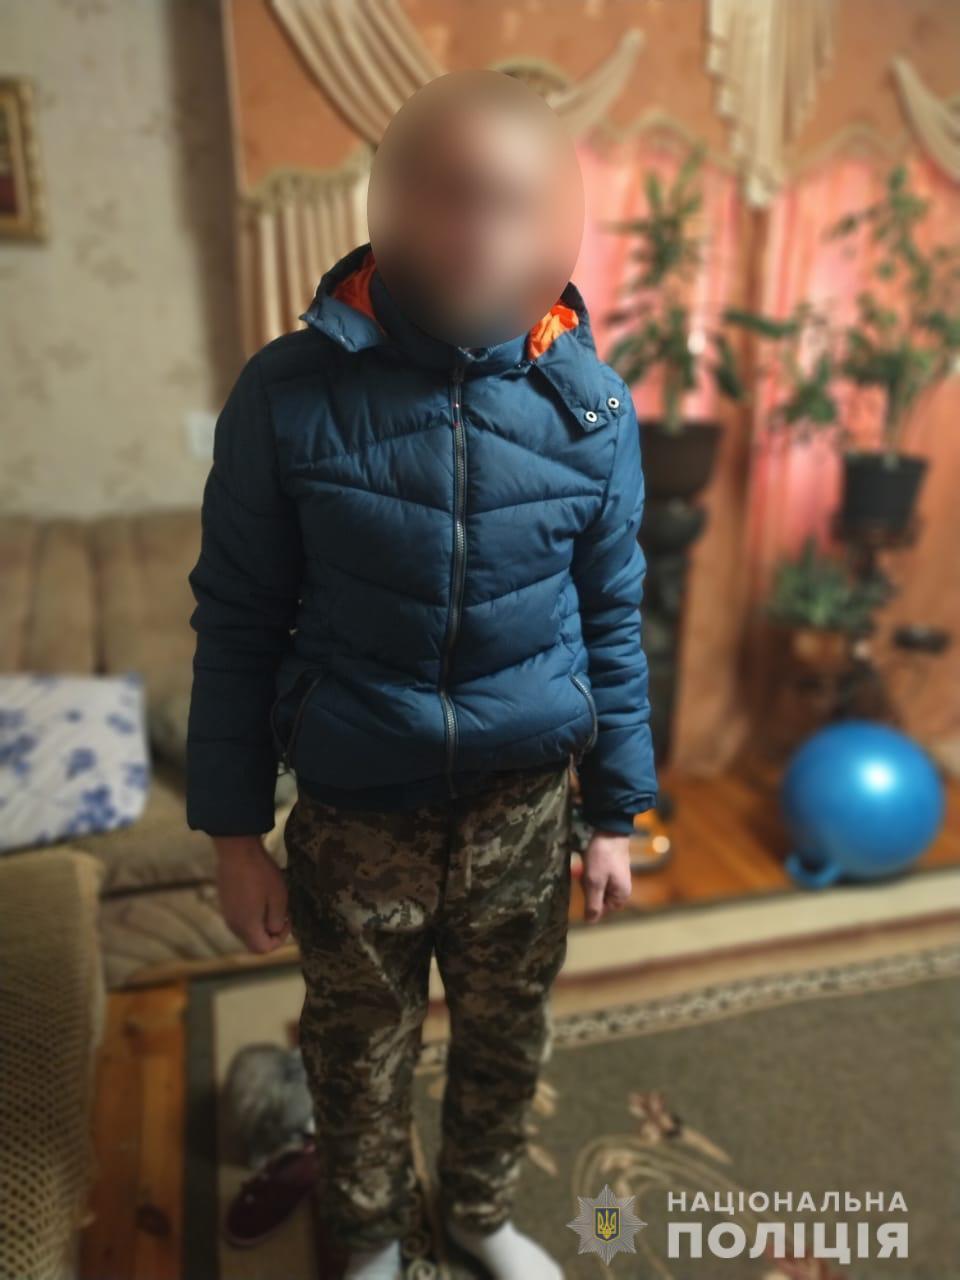 Алкоголь та бійка передували вбивству у Вишгороді - правоохоронці, поліція Вишгородського району, затримано зловмисника, вбивство - vbyvstvo4